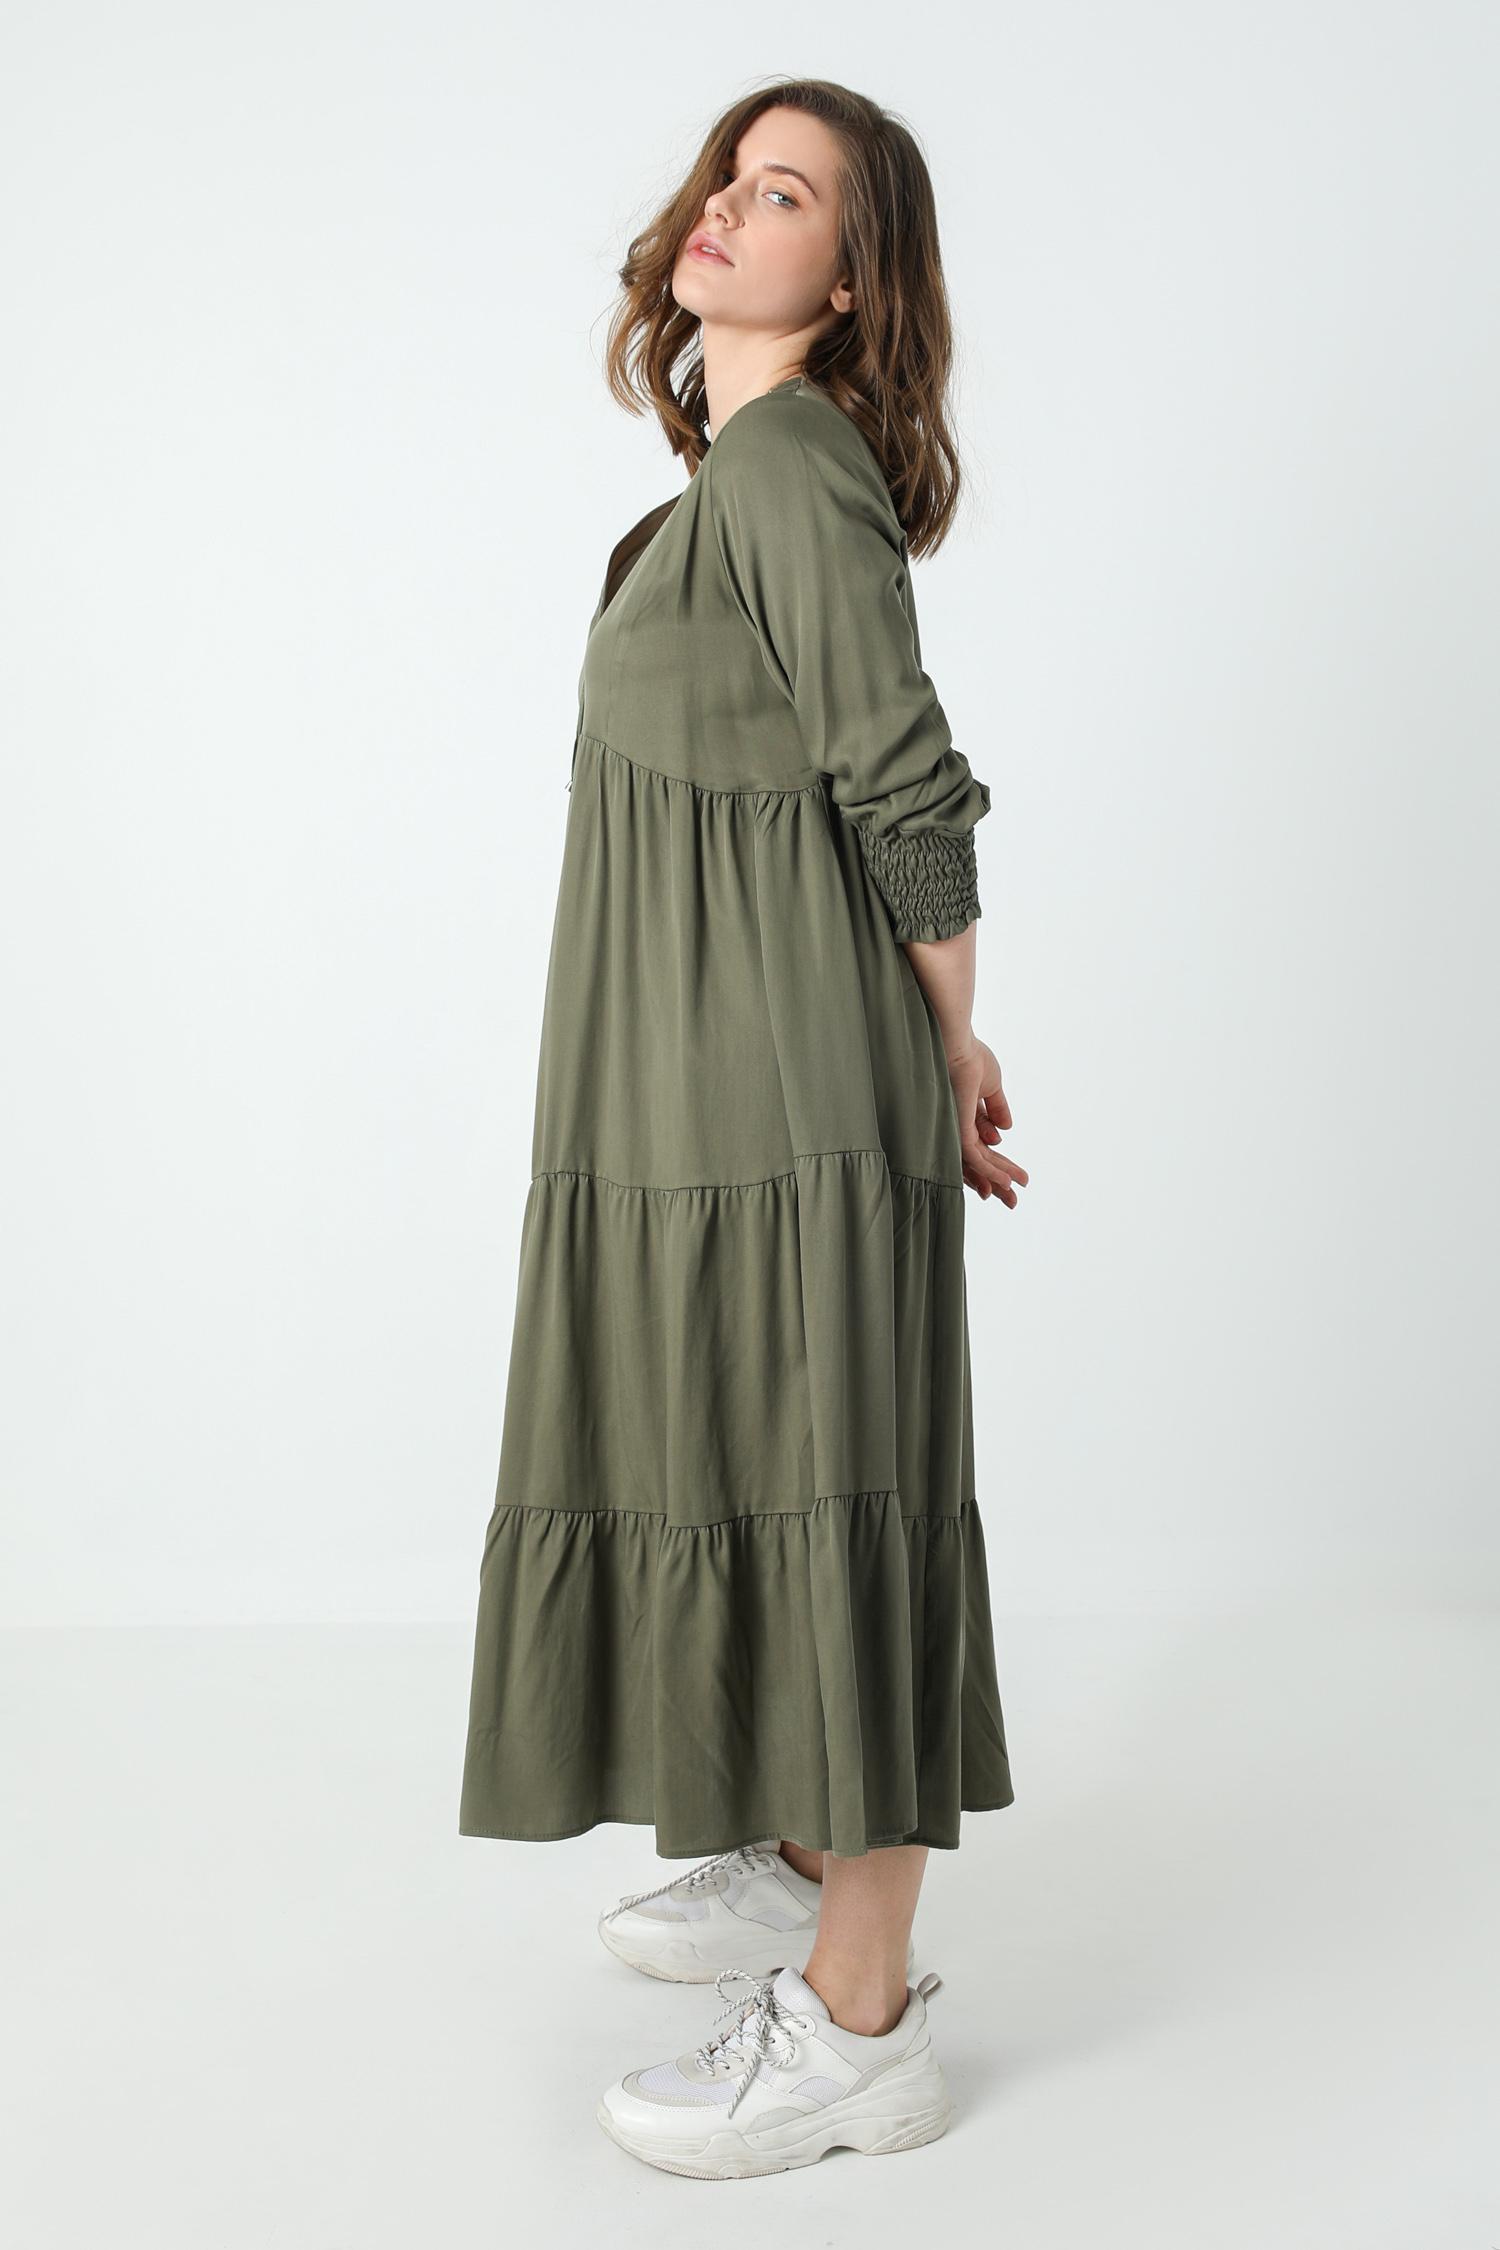 Long bohemian style dress in tencel